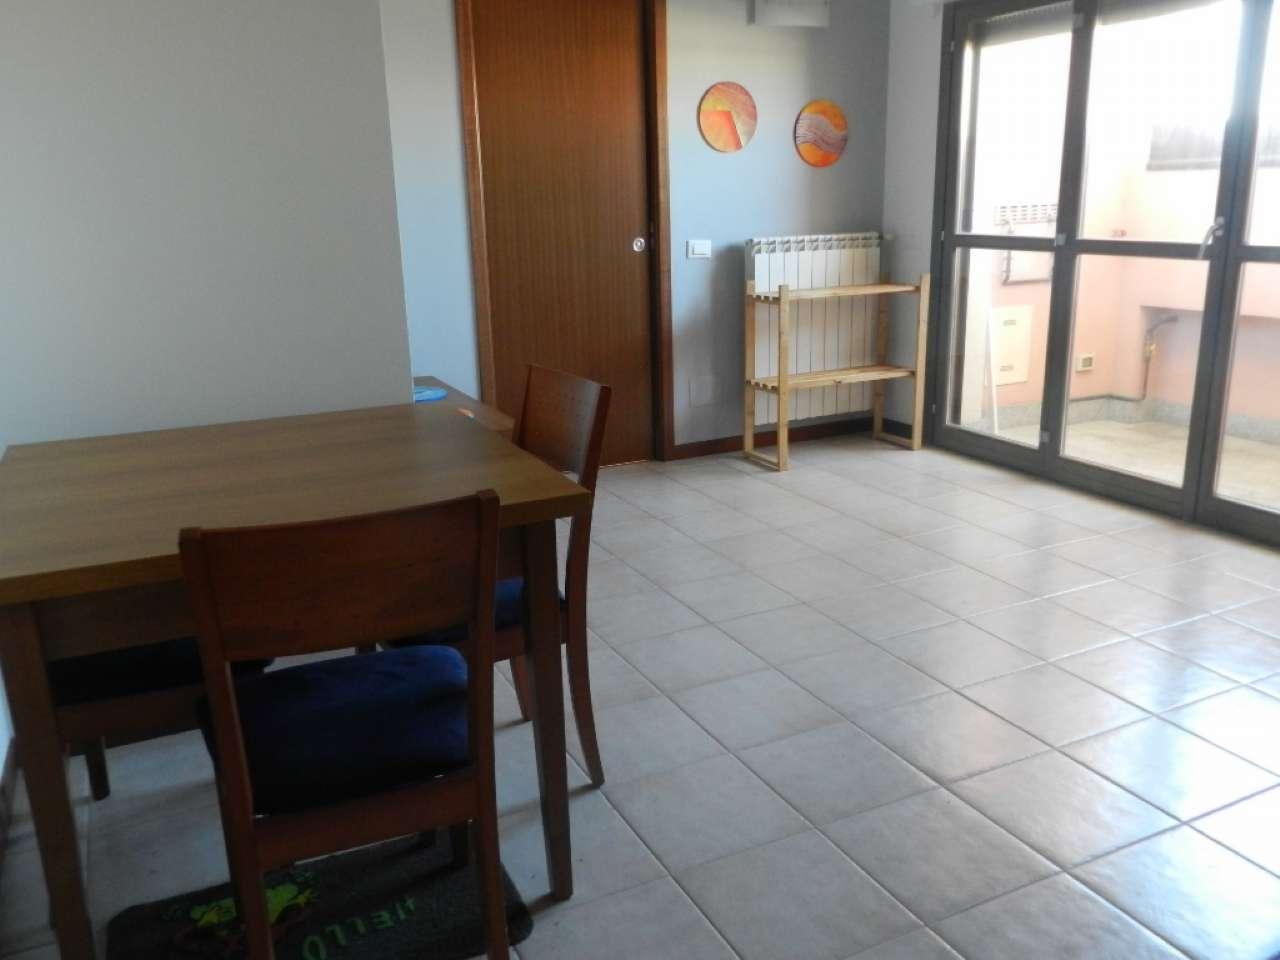 Appartamento in affitto a San Martino Siccomario, 1 locali, prezzo € 300 | CambioCasa.it